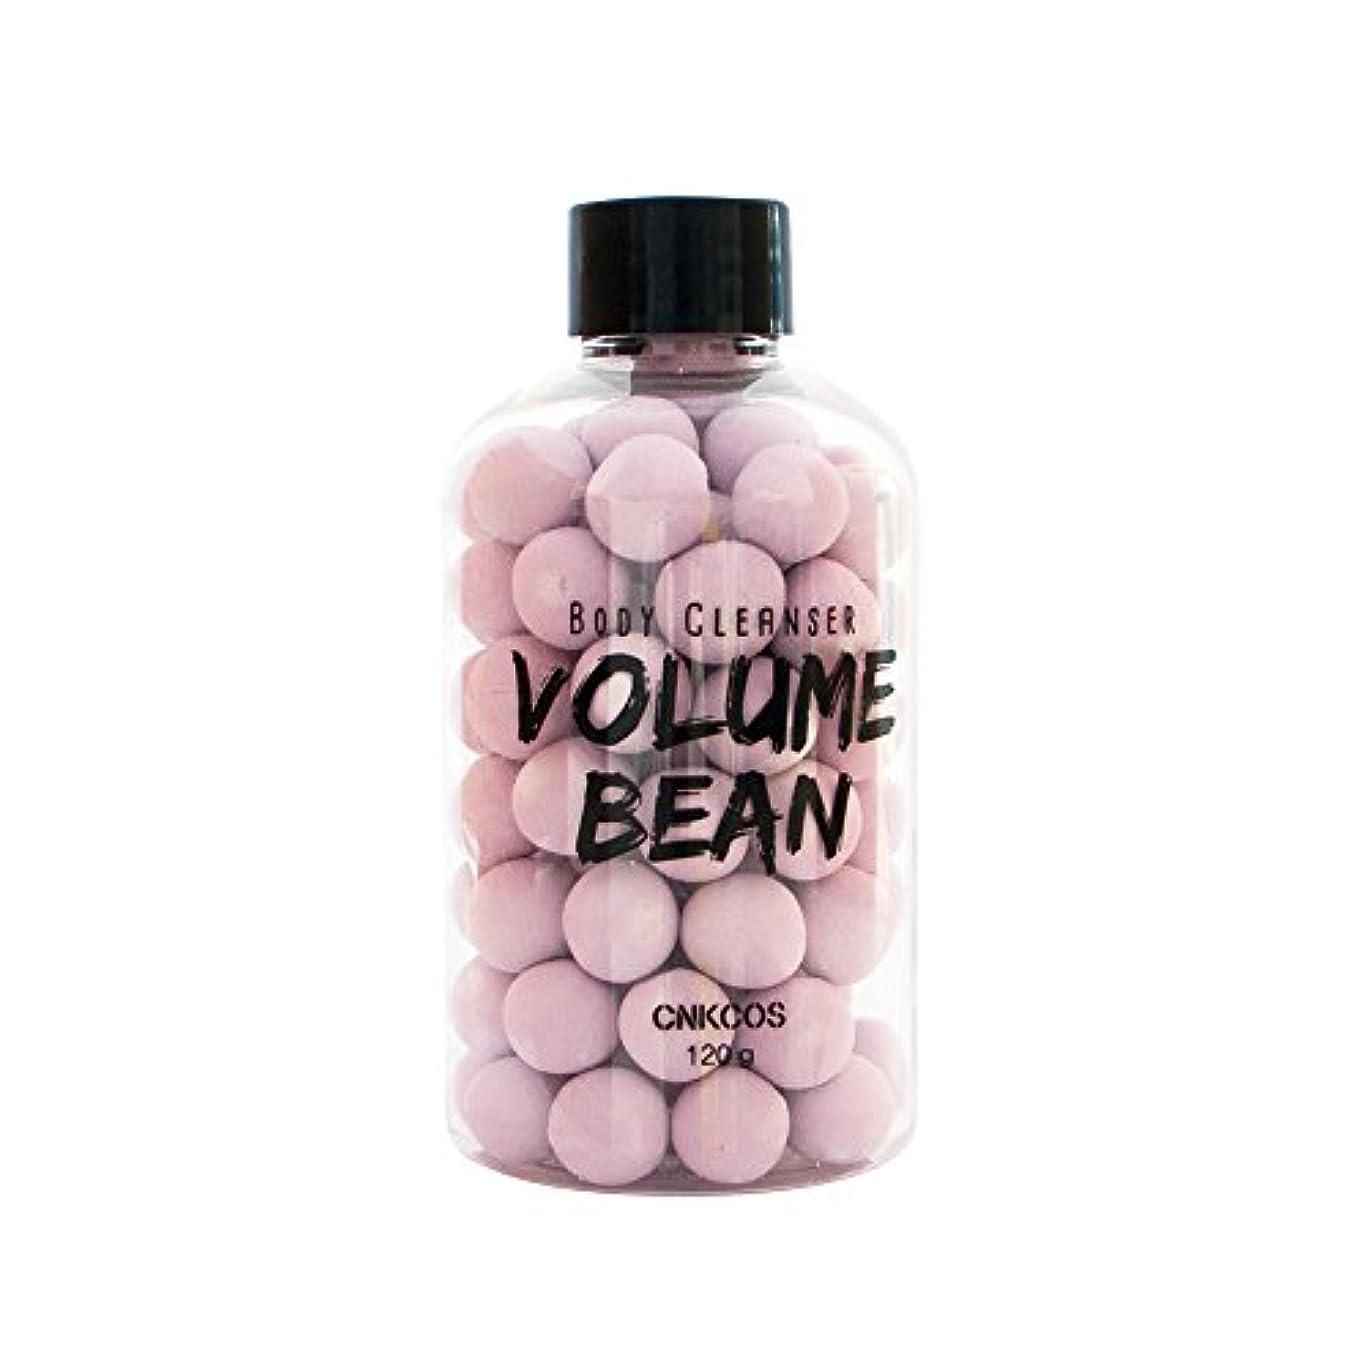 シェトランド諸島リクルートアラスカボリュームビーン Volume Bean 120g